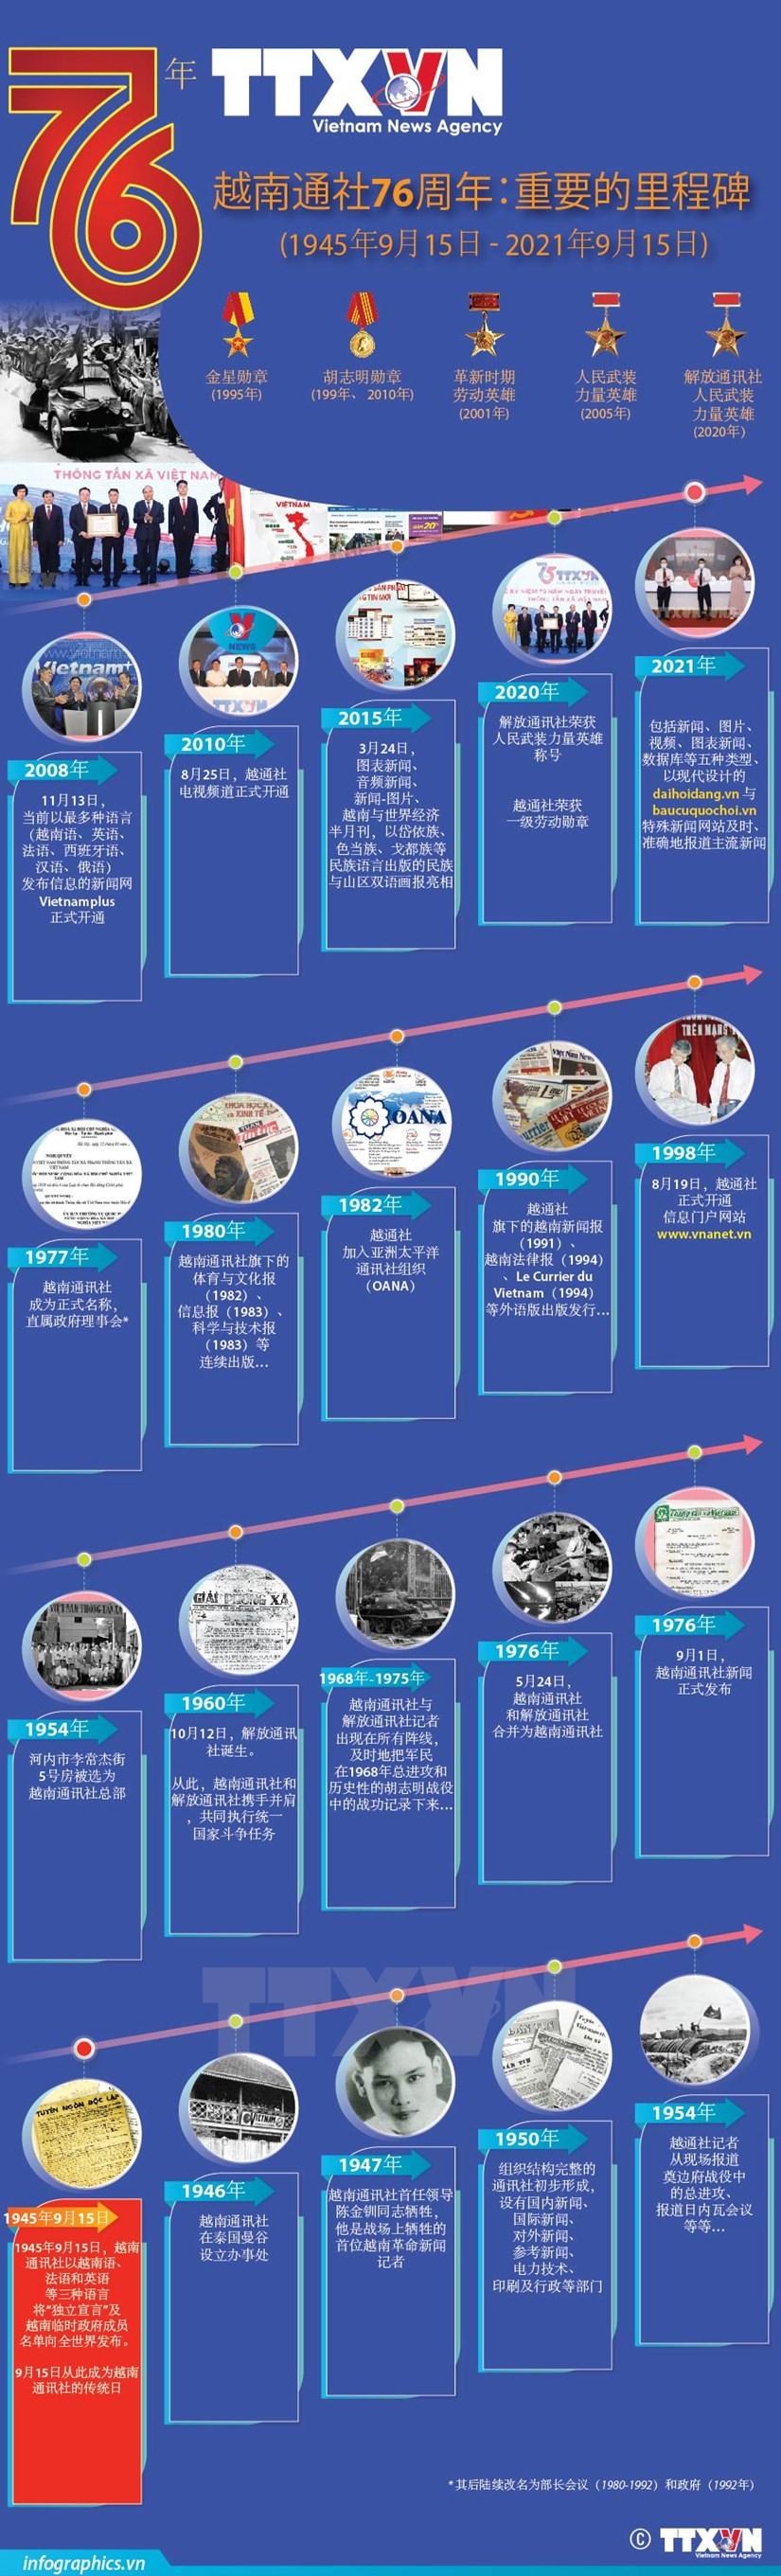 图表新闻:越南通讯社76周年:重要的里程碑 hinh anh 1